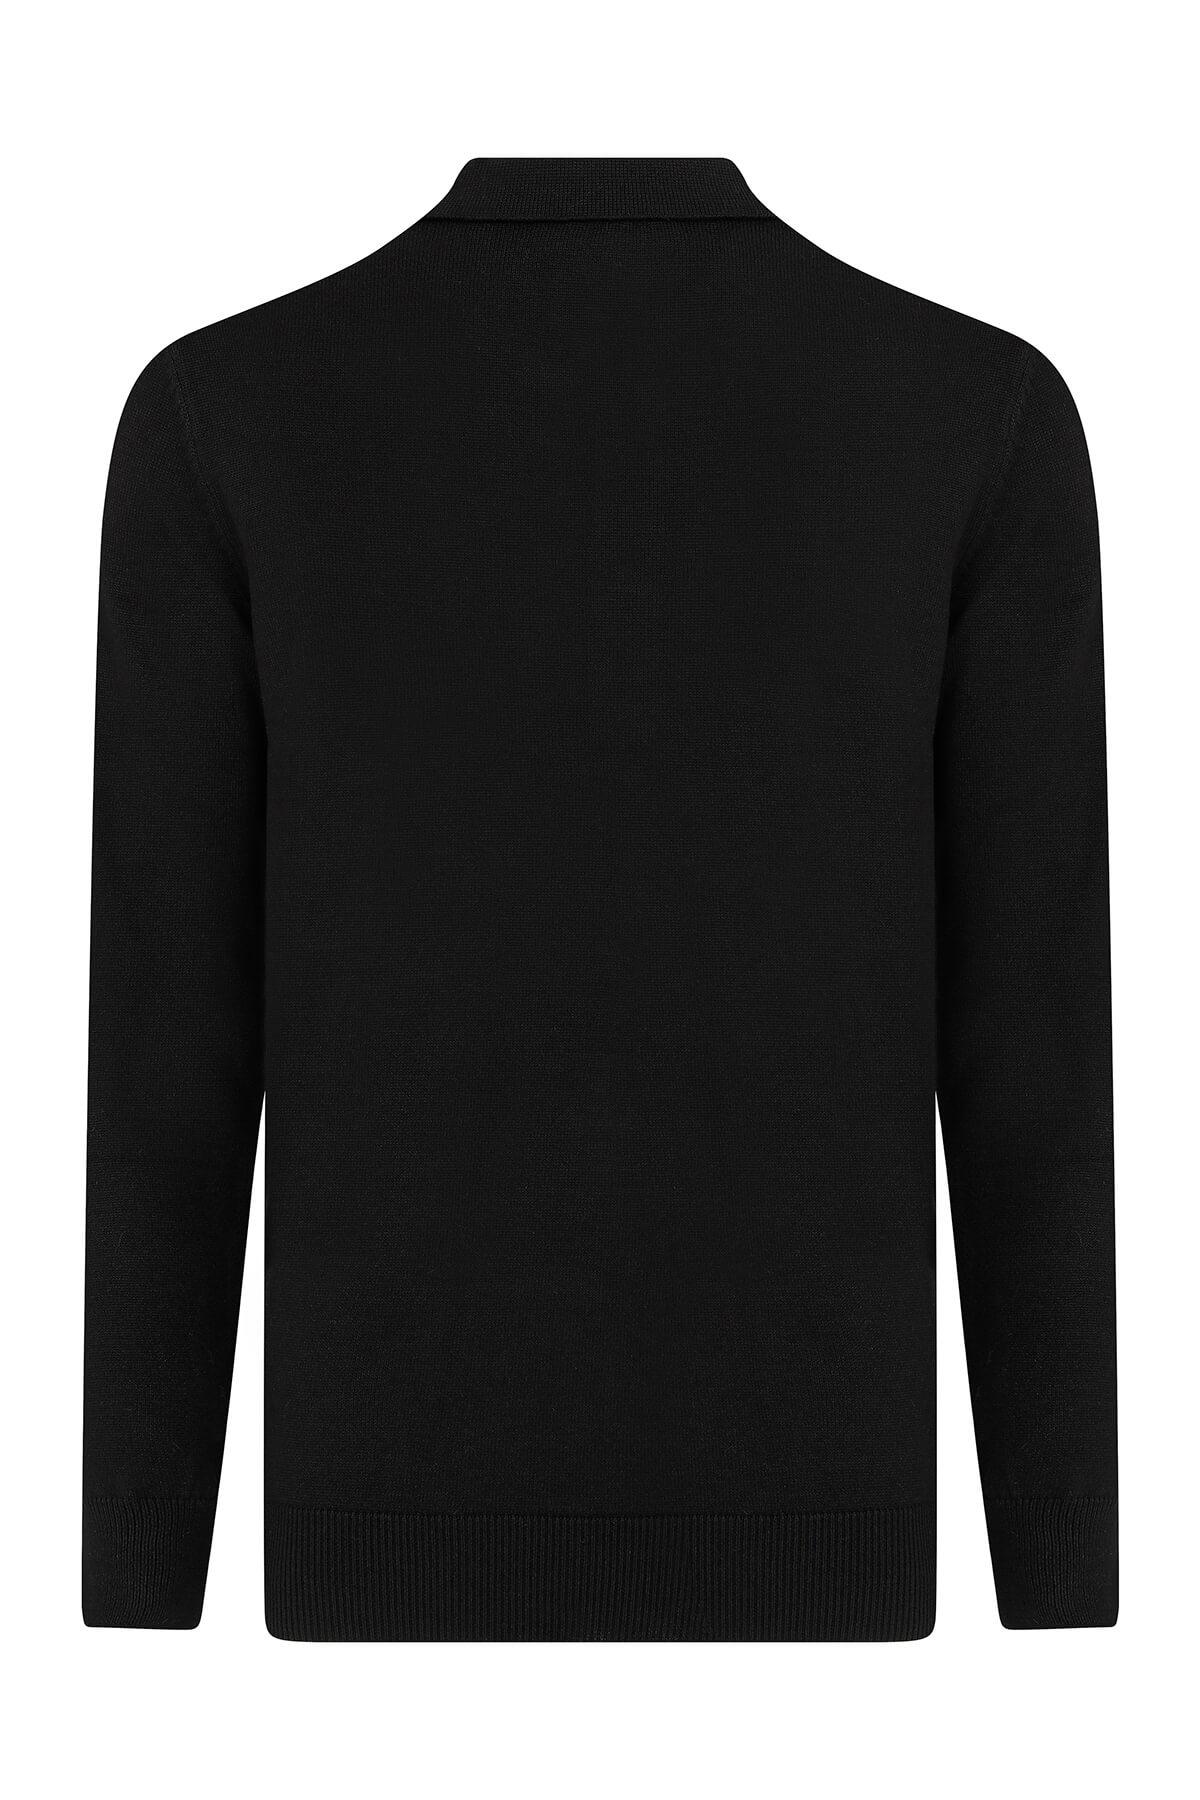 Siyah Polo Yaka Kazak - Thumbnail